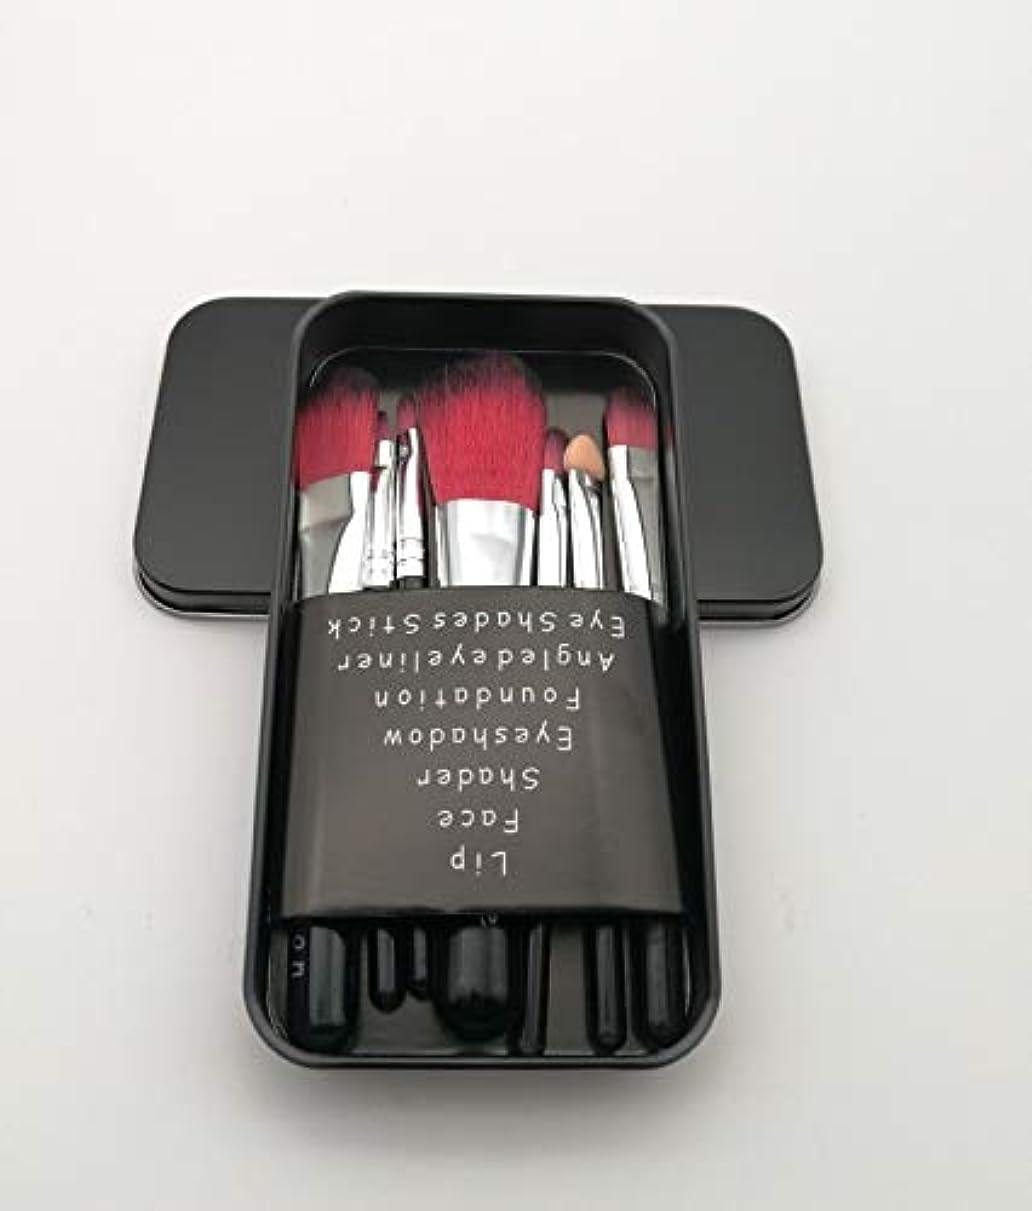 着陸水没命令化粧ブラシセット、7化粧ブラシ化粧ブラシセットアイシャドウブラシリップブラシ美容化粧道具 (Color : ブラック)